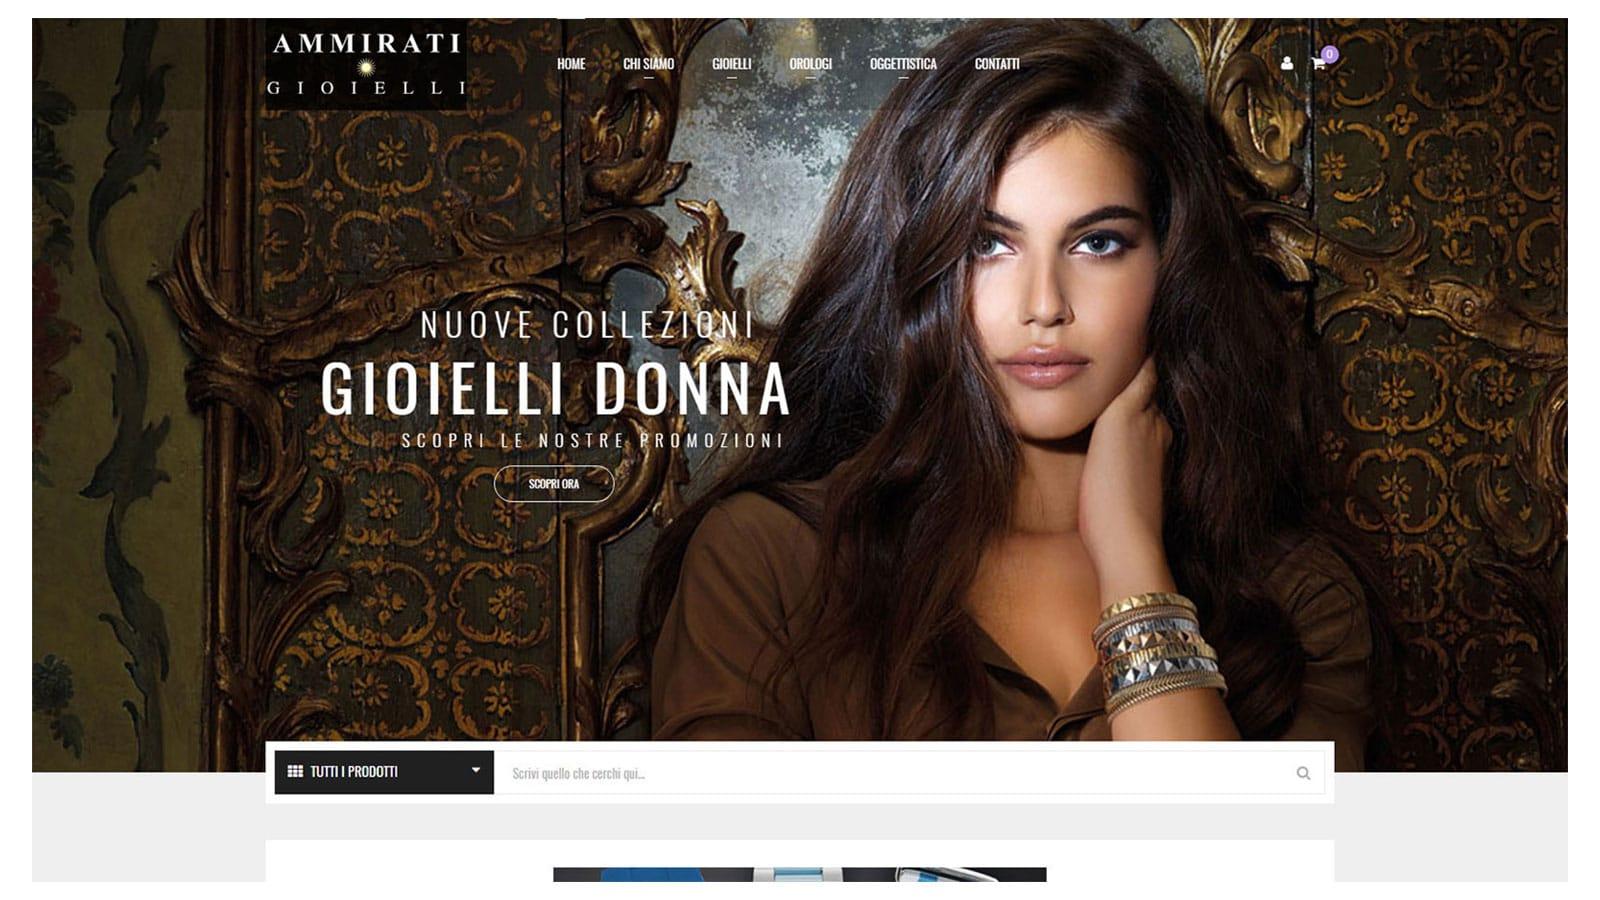 www.ammiratigioiellistore.it